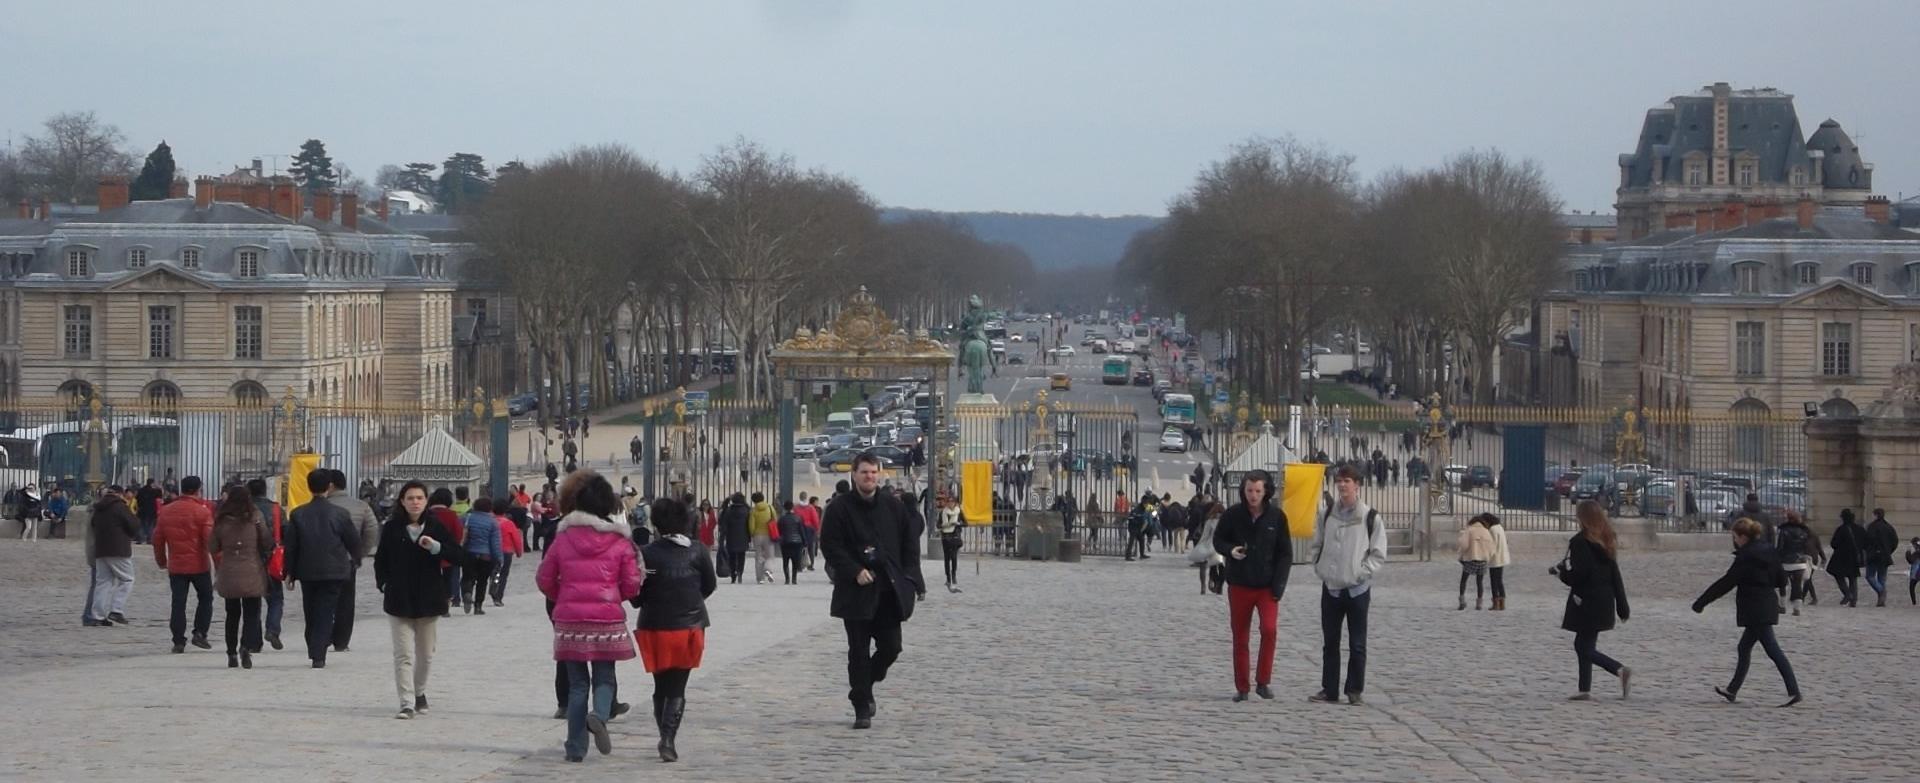 versailles-chateau-facing-ave-de-paris-mar13